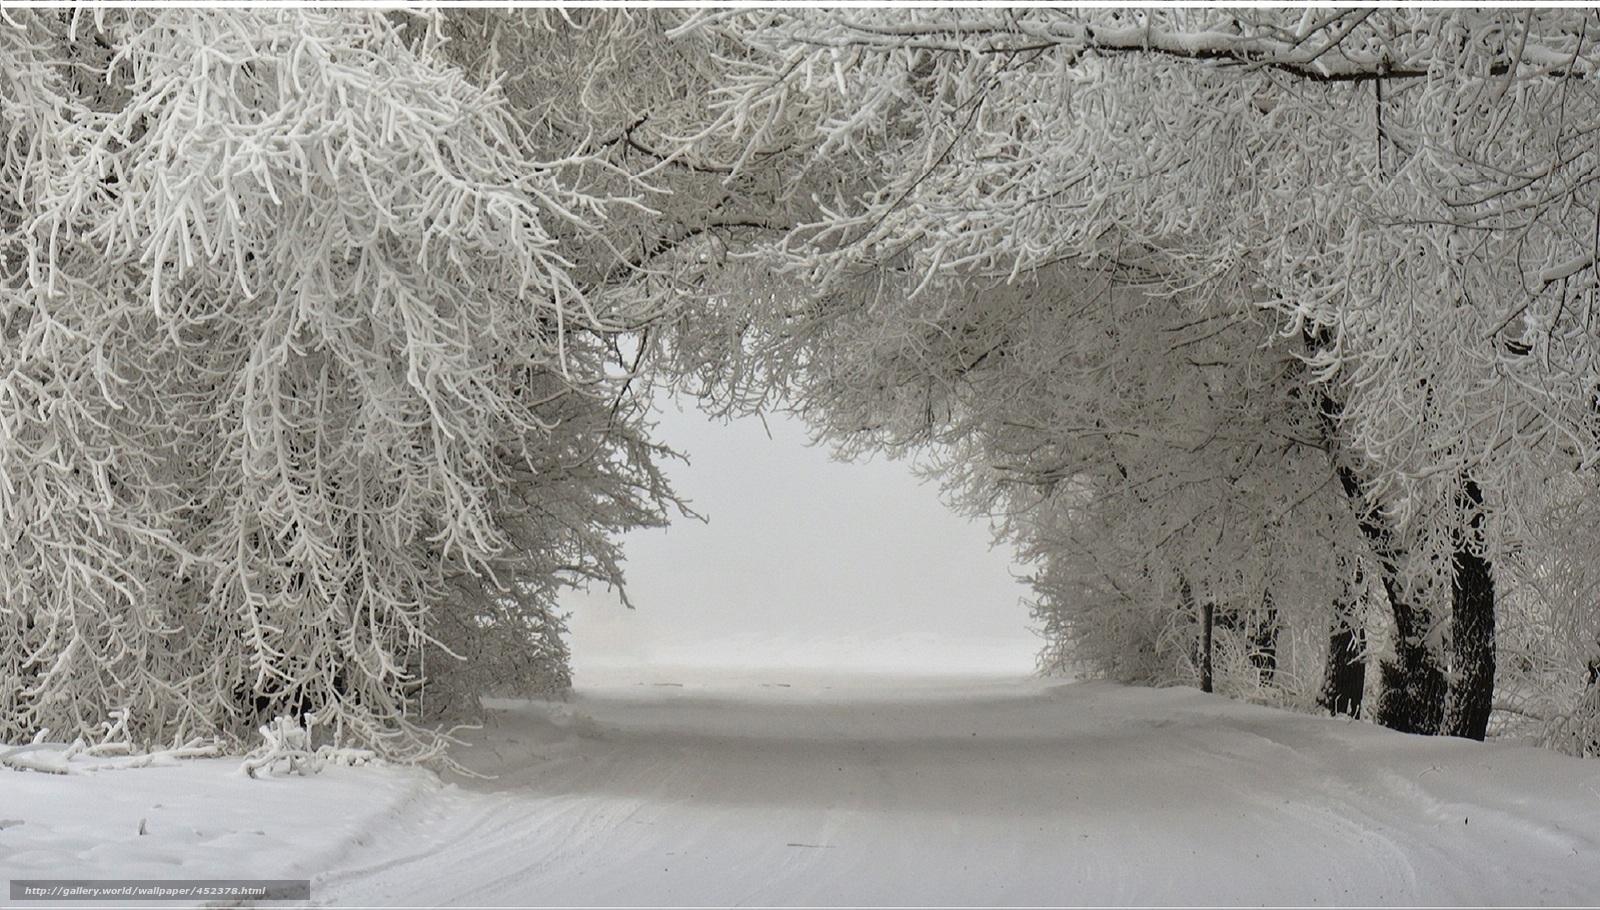 Scaricare gli sfondi paesaggio invernale alberi nella for Sfondi gratis desktop inverno